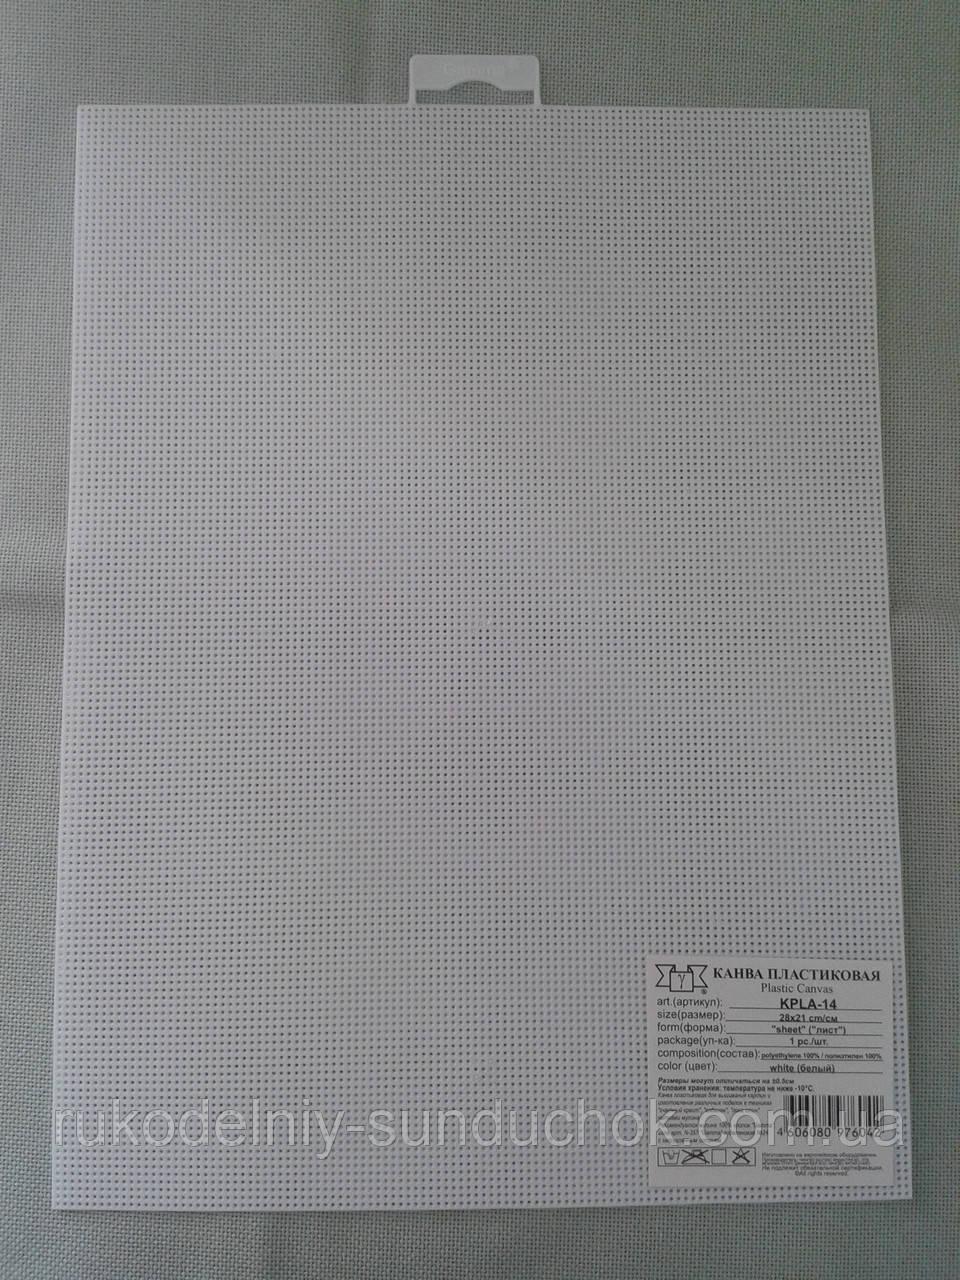 Канва пластиковая Gamma 14 каунт (KPLA-14) полупрозрачная